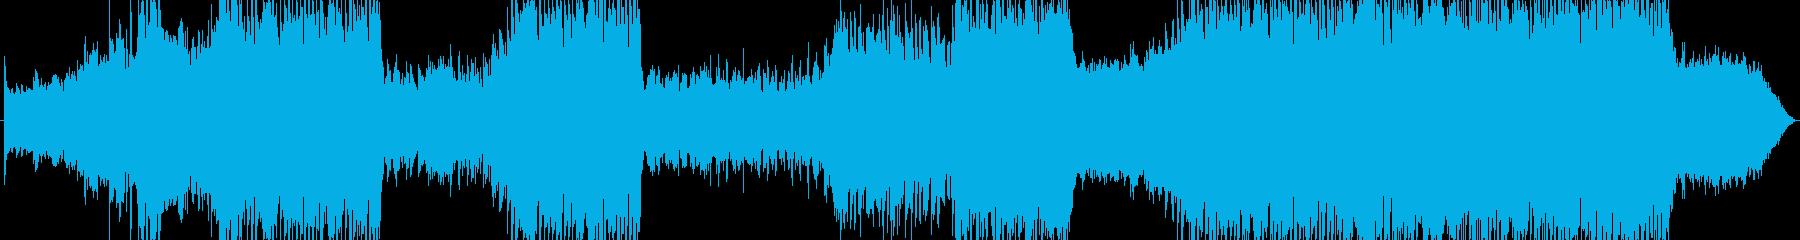 元気が出るファンファーレの再生済みの波形